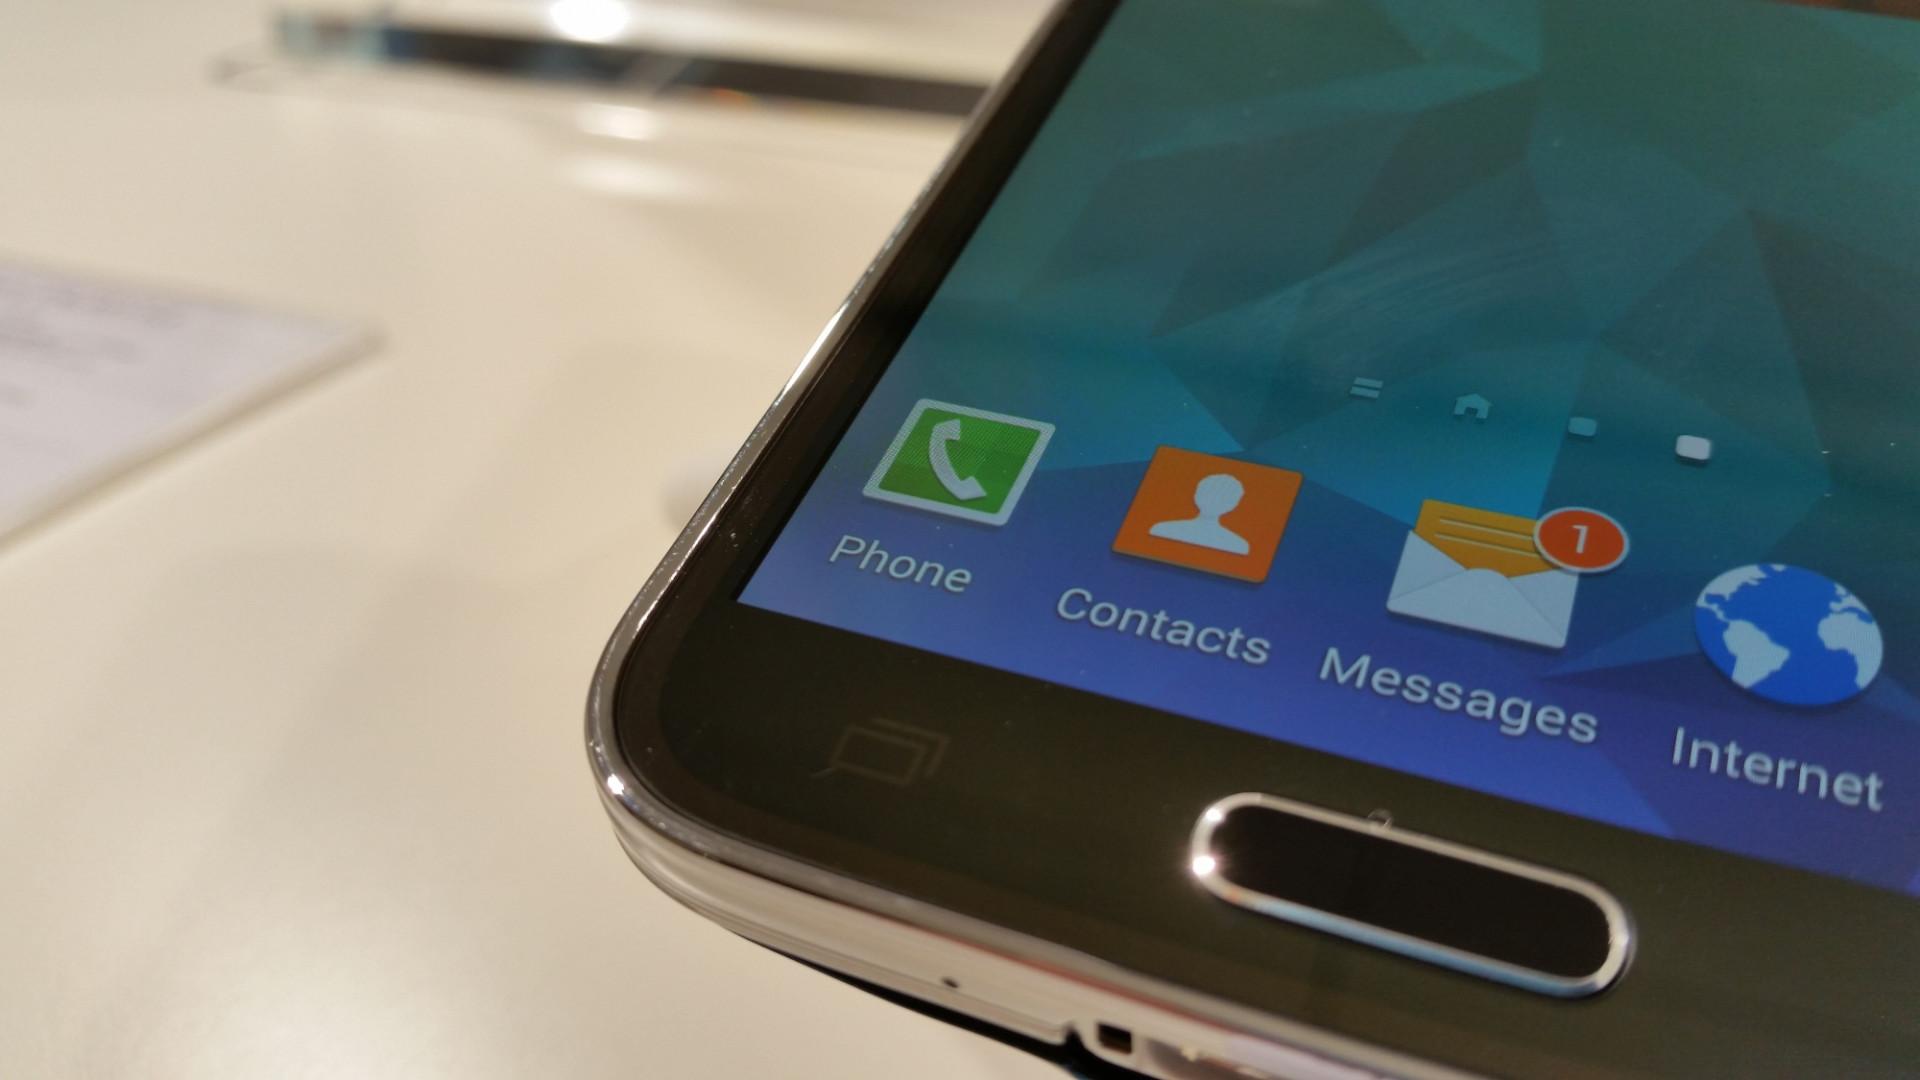 Samsungs galaxy s kurztest der neuen kamera infos zur cpu